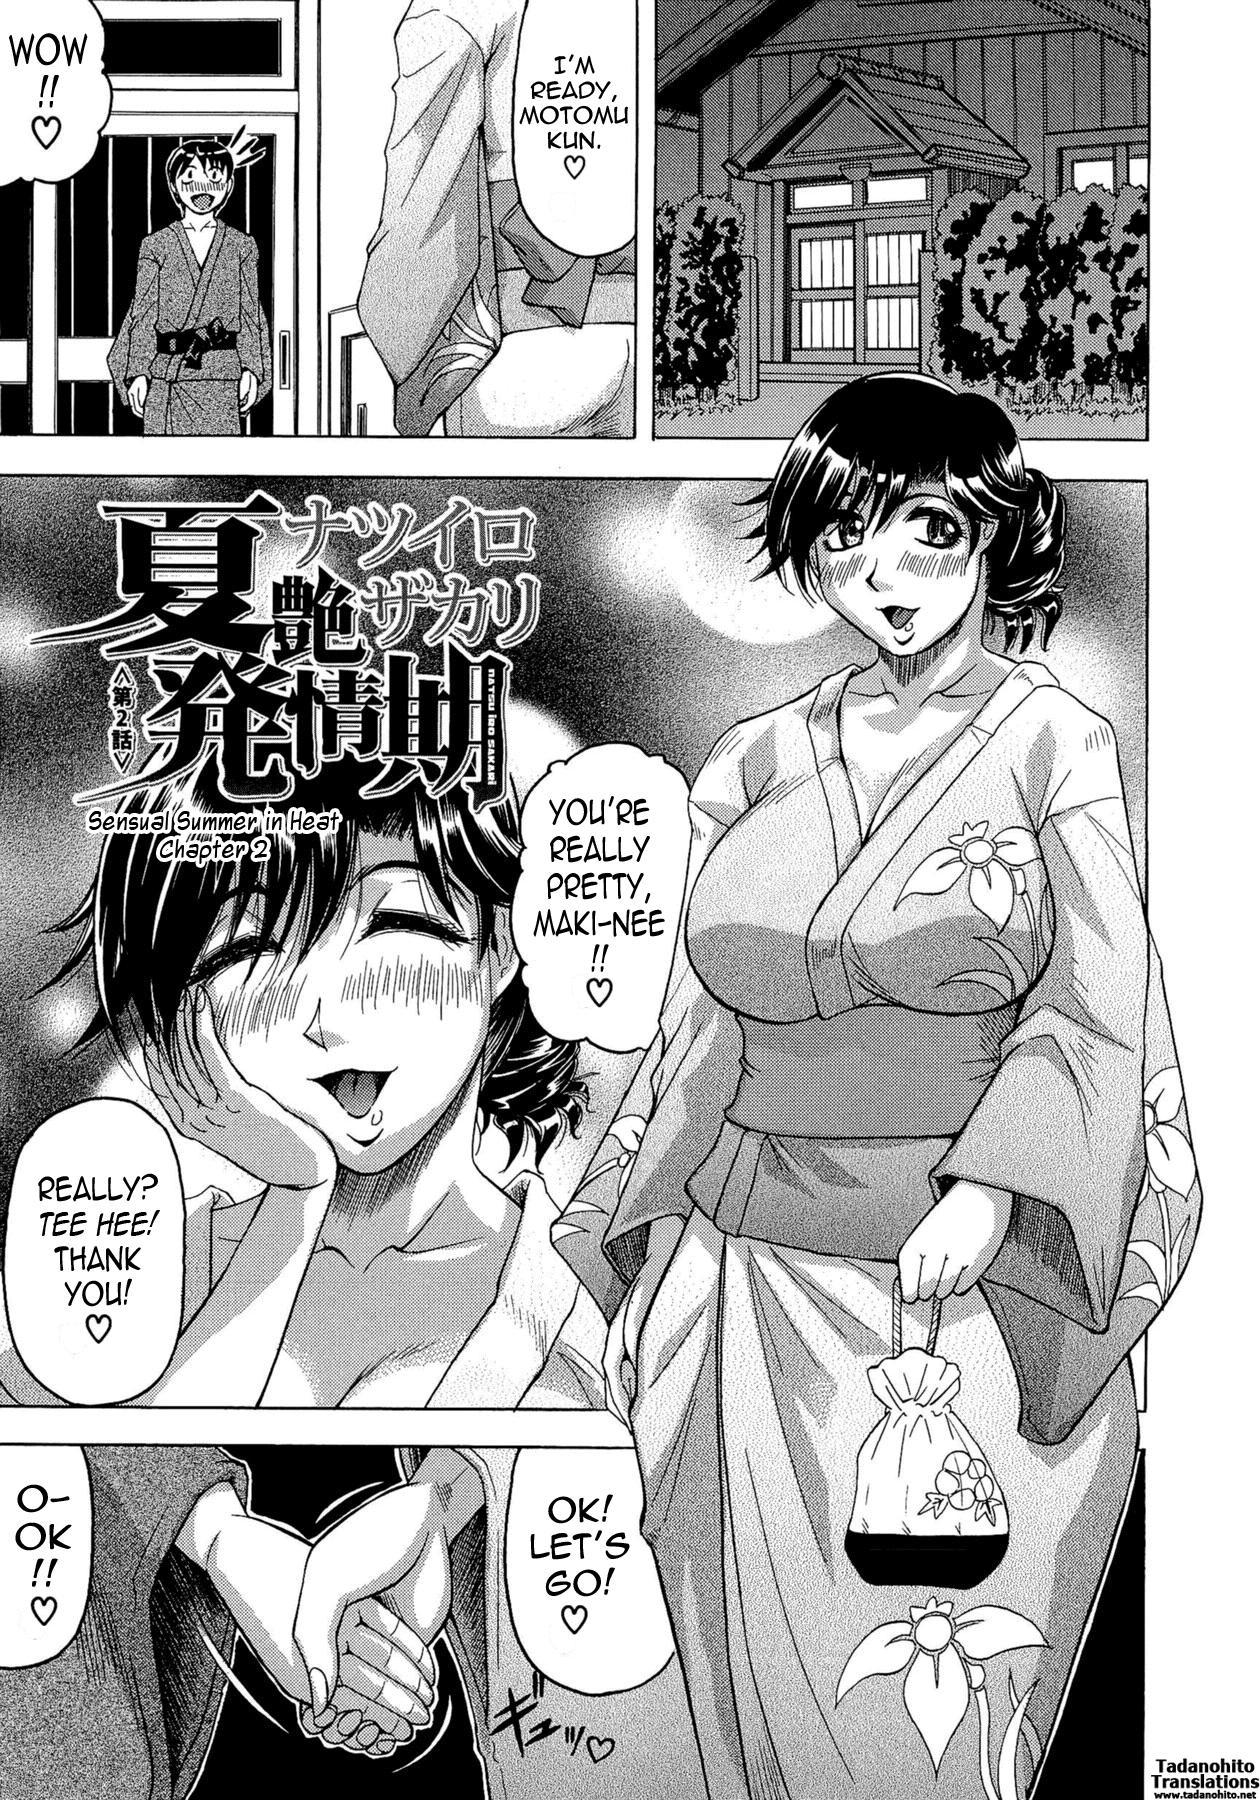 [Jamming] Koibito ha Tonari no Oneesan (Hatsujyouki) | My Lover is the Girl Next Door [English] {Tadanohito} 42